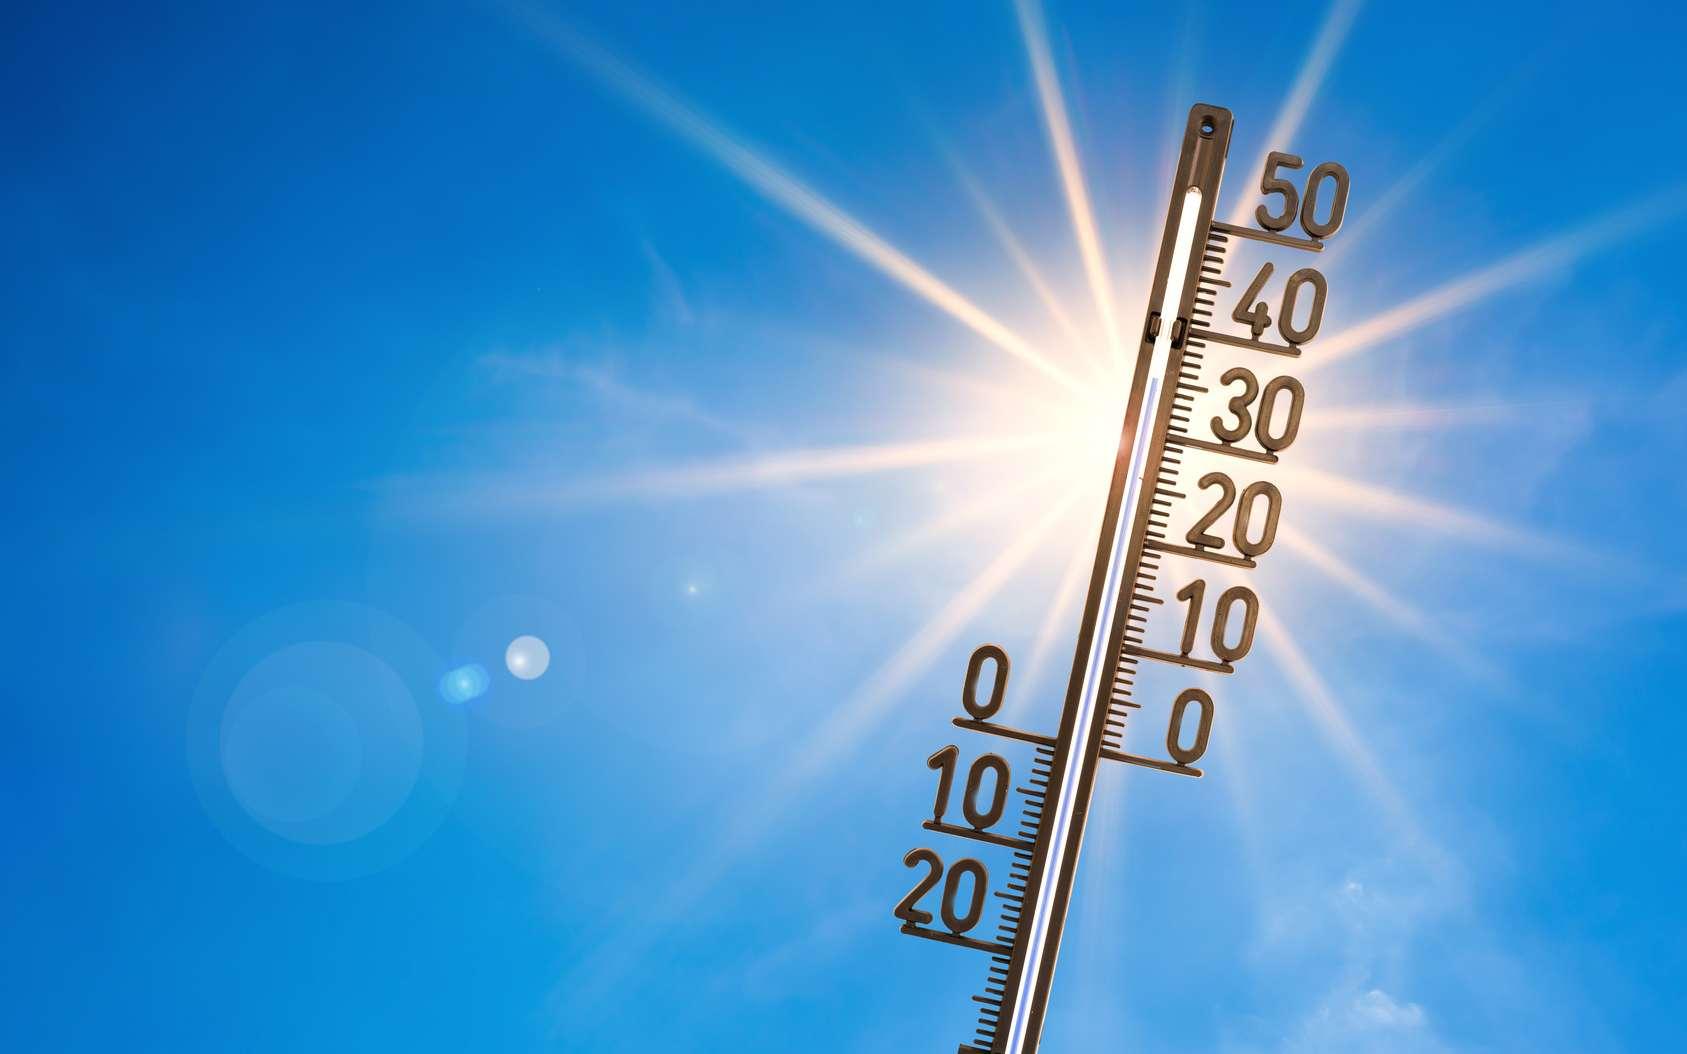 L'été 2018 a été le deuxième plus chaud en France depuis les premiers relevés de température. © John Smith, fotolia